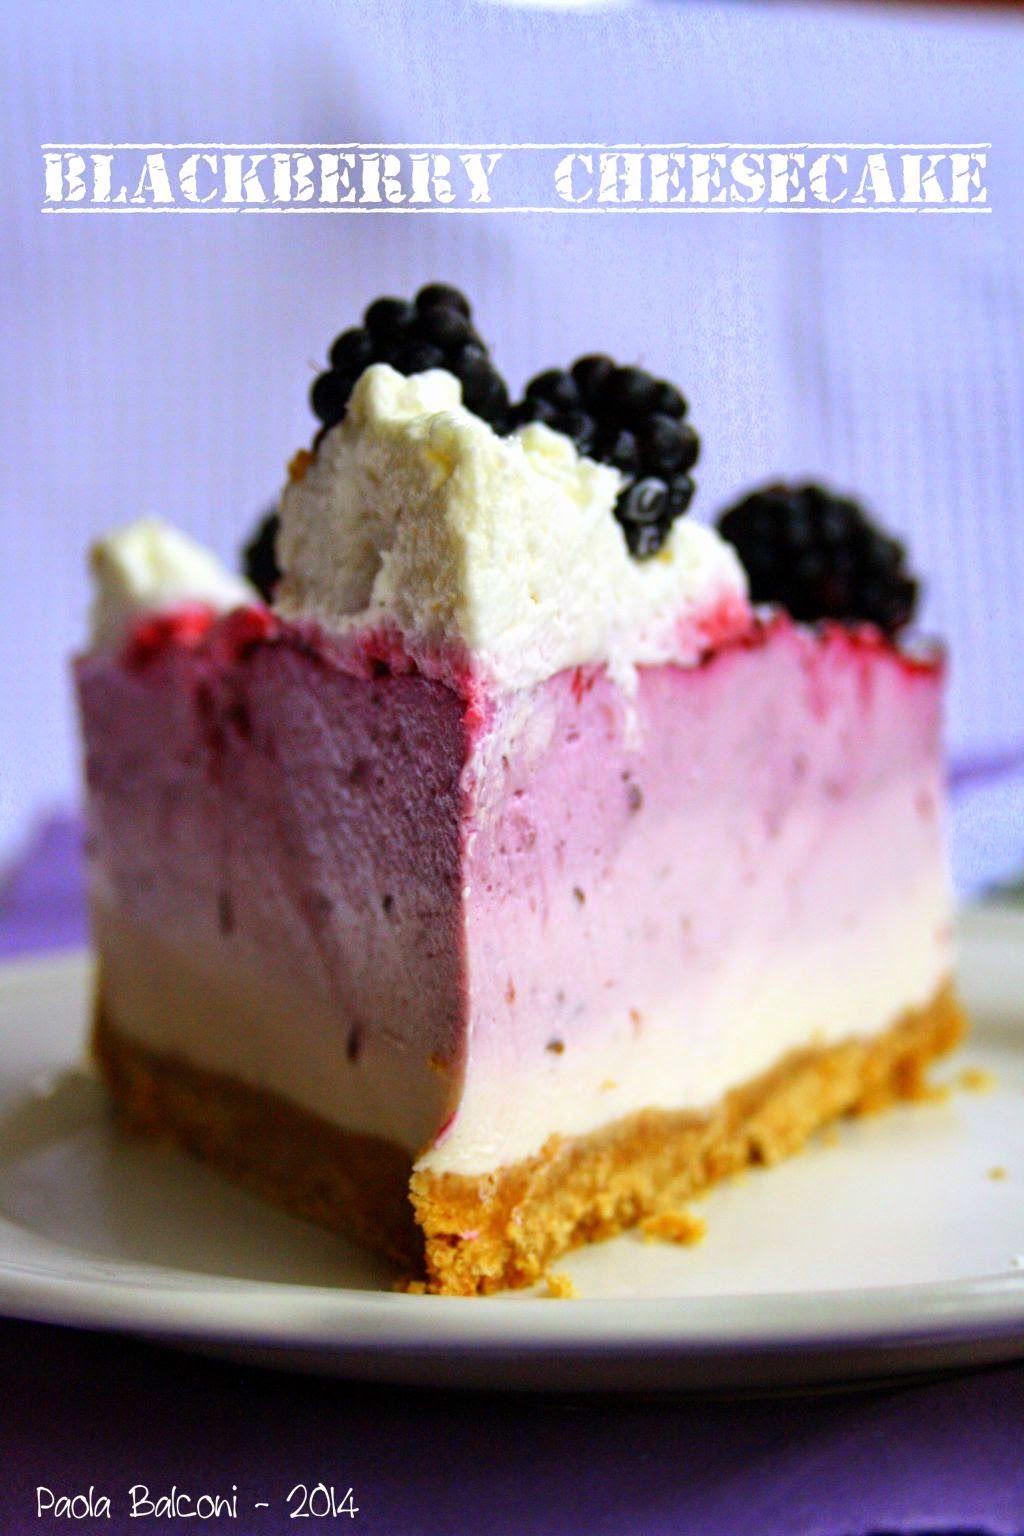 La cucina piccoLINA: Blackberry Cheesecake | Cheesecake ...